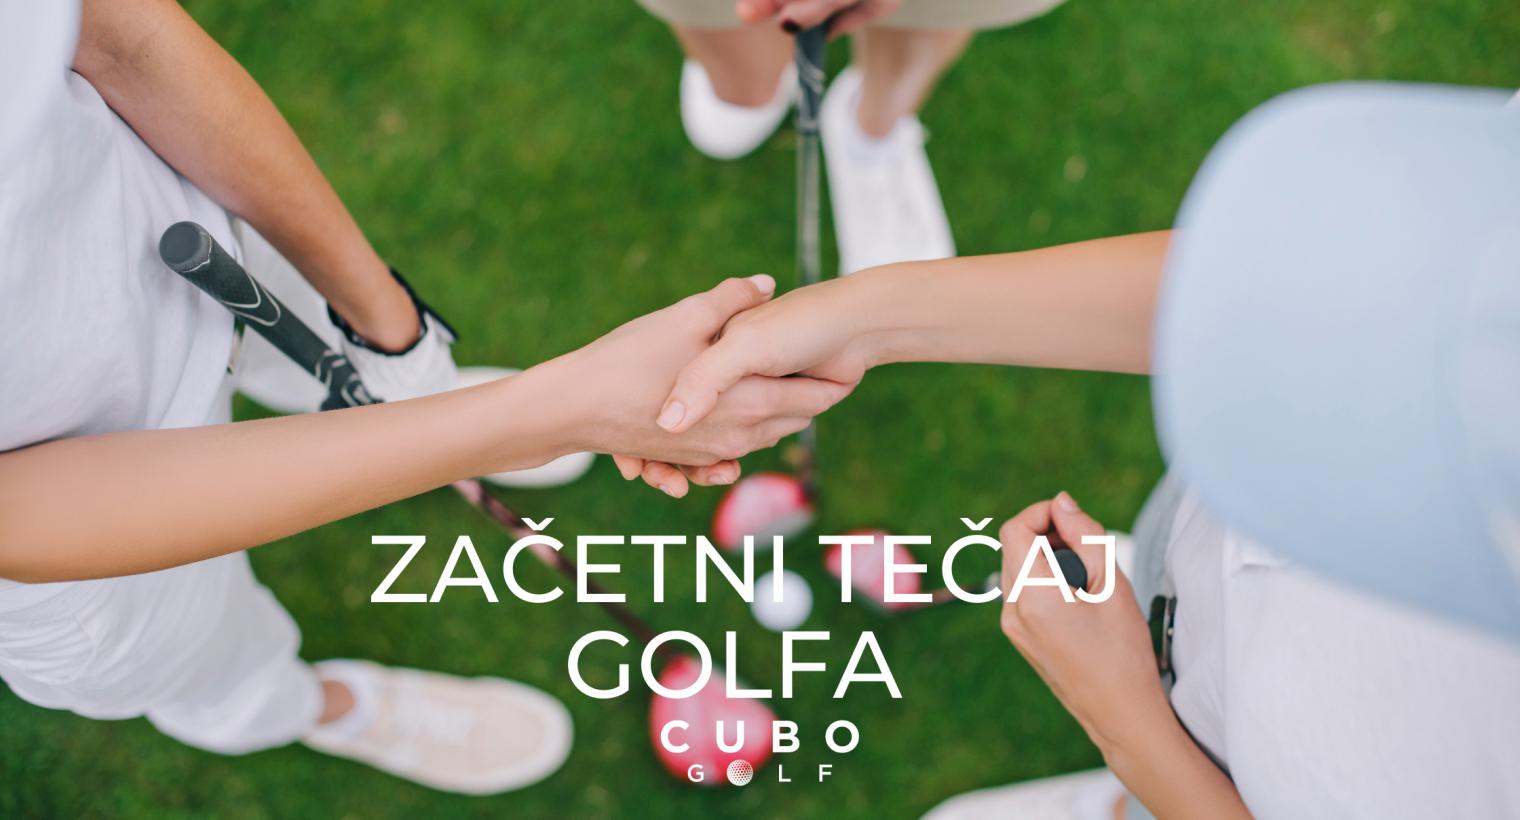 Začetni tečaj, Spoznaj golf